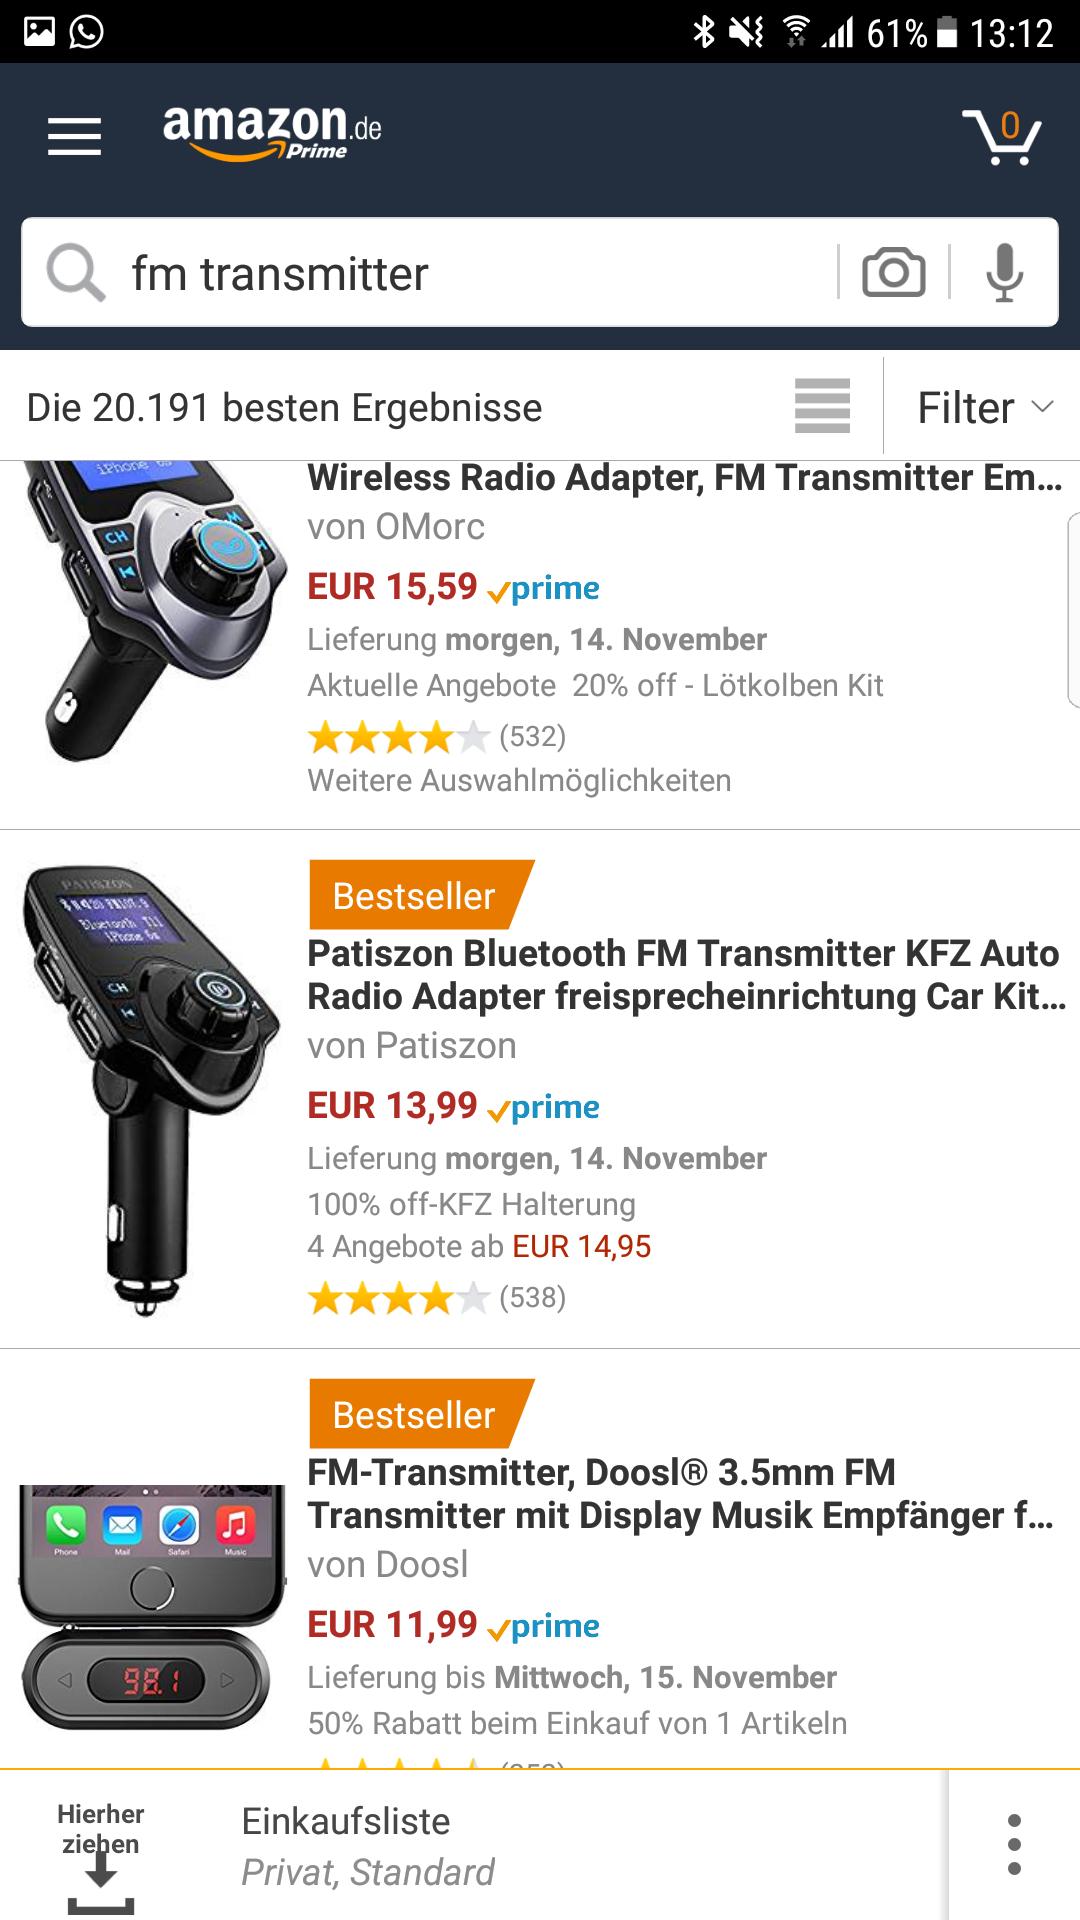 Bluetooth FM Transmitter dazu Gratis KFZ-Halterung